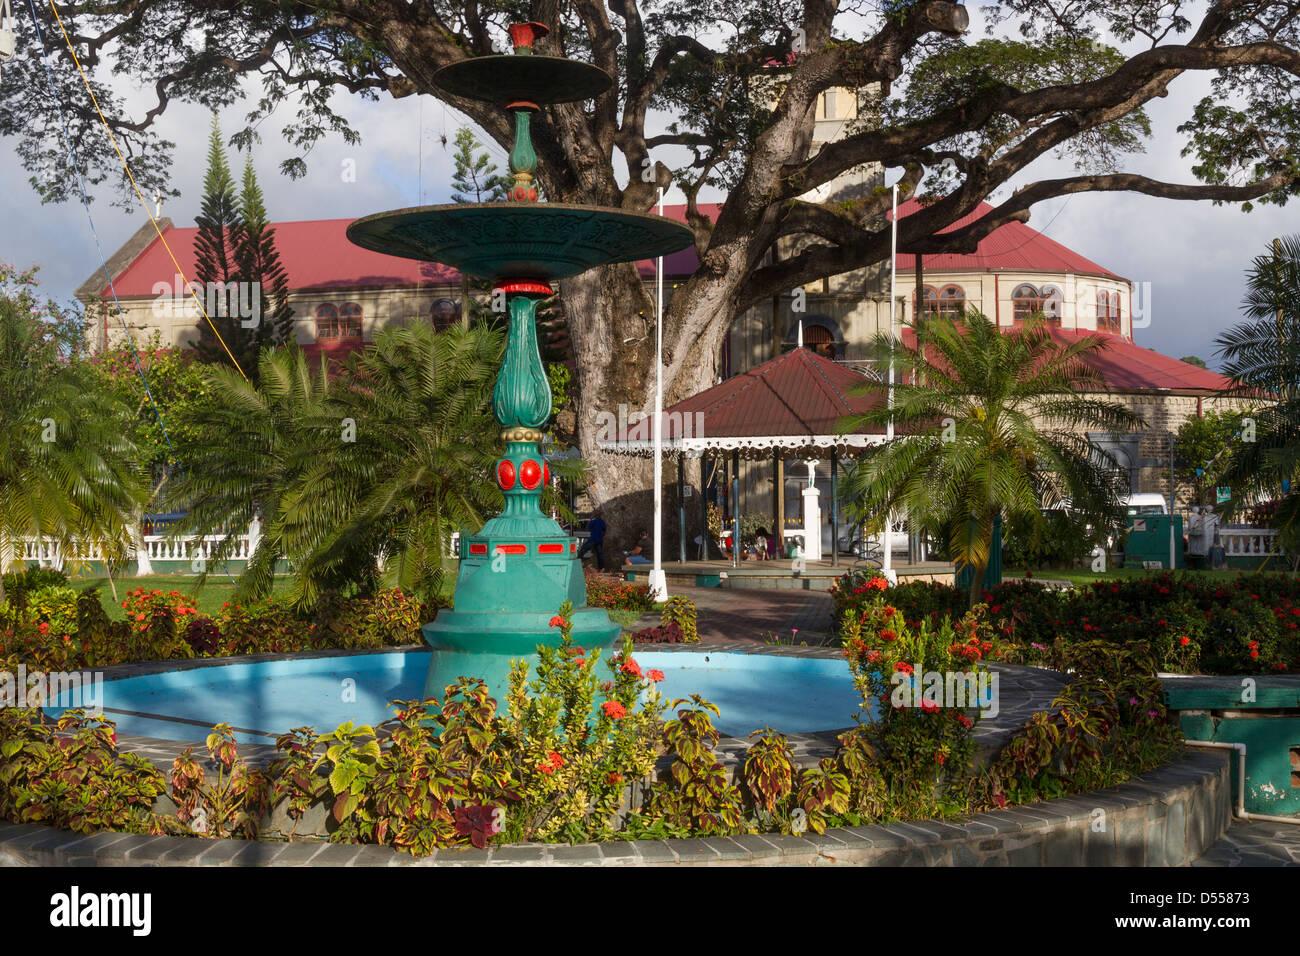 St.Lucia Castries, Derek Walcott square - Stock Image